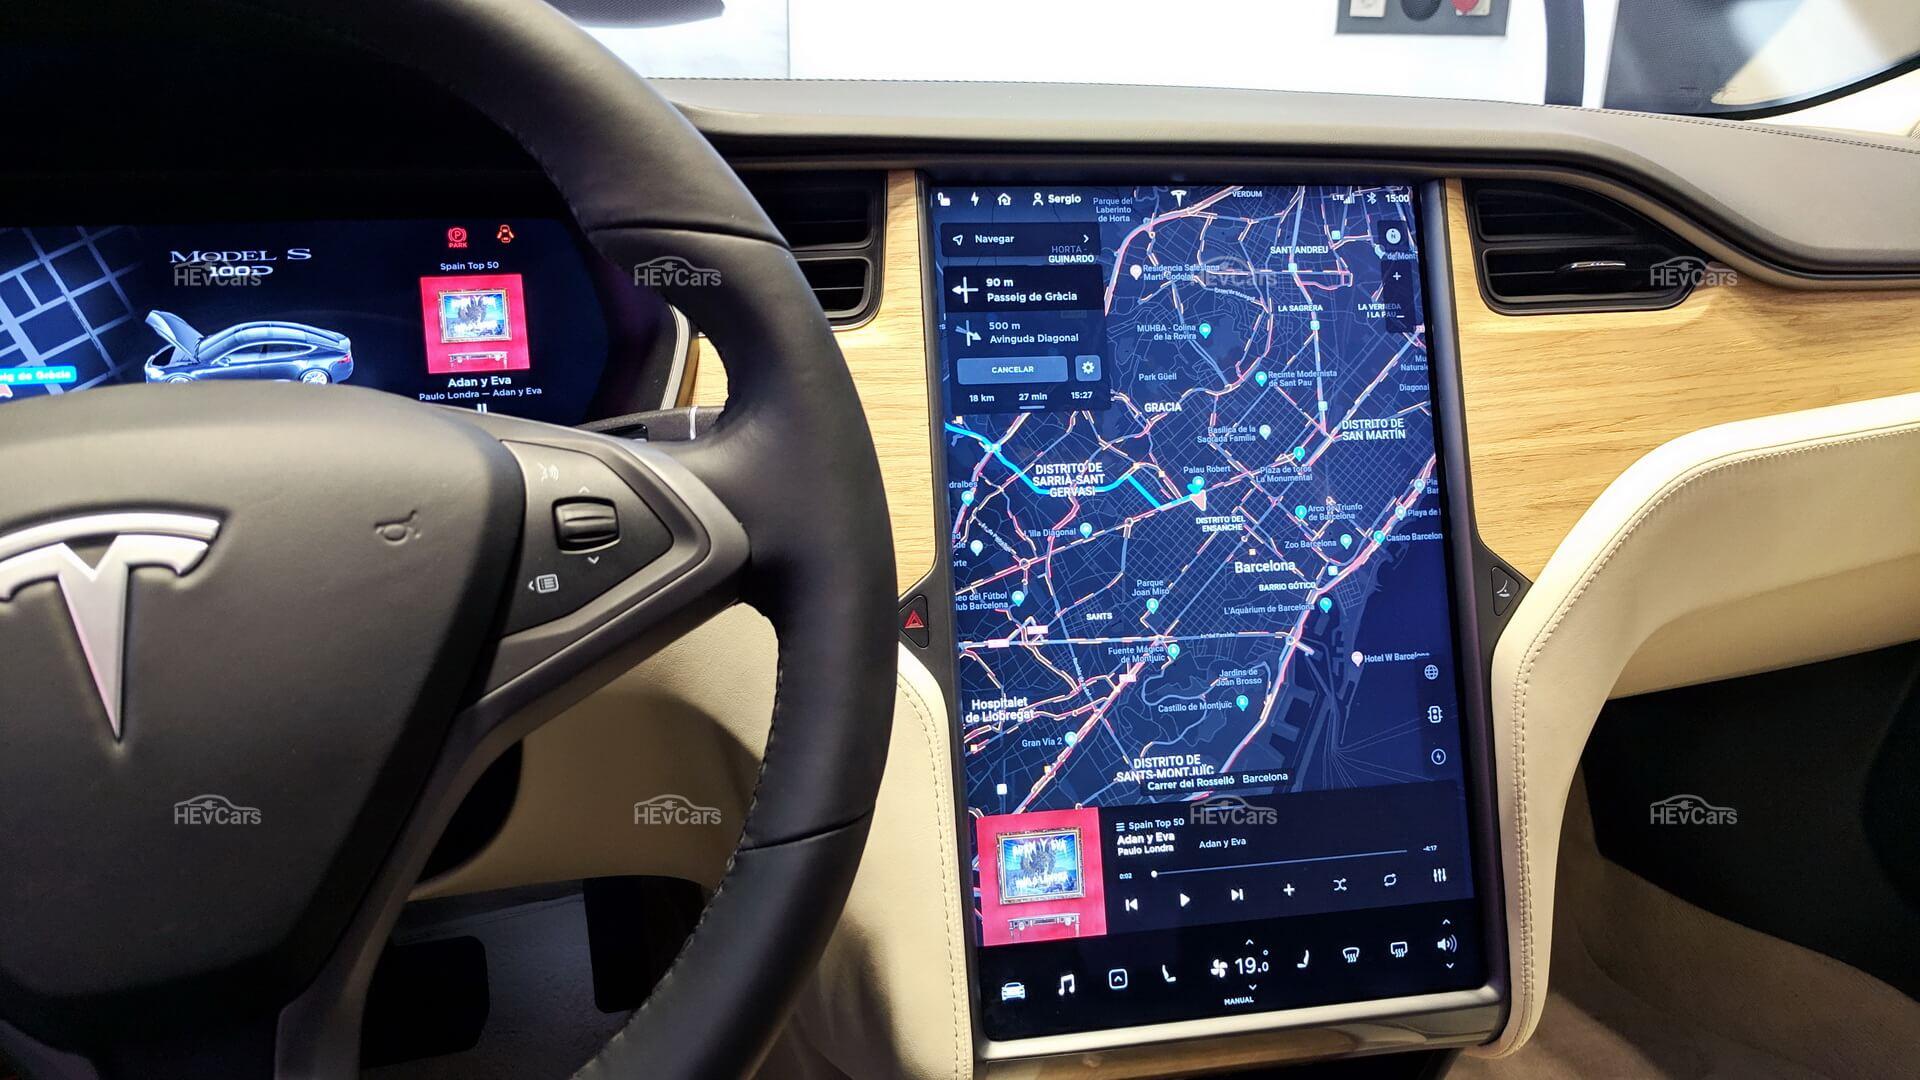 17-дюймовый информационно-развлекательный сенсорный экран в Tesla Model S